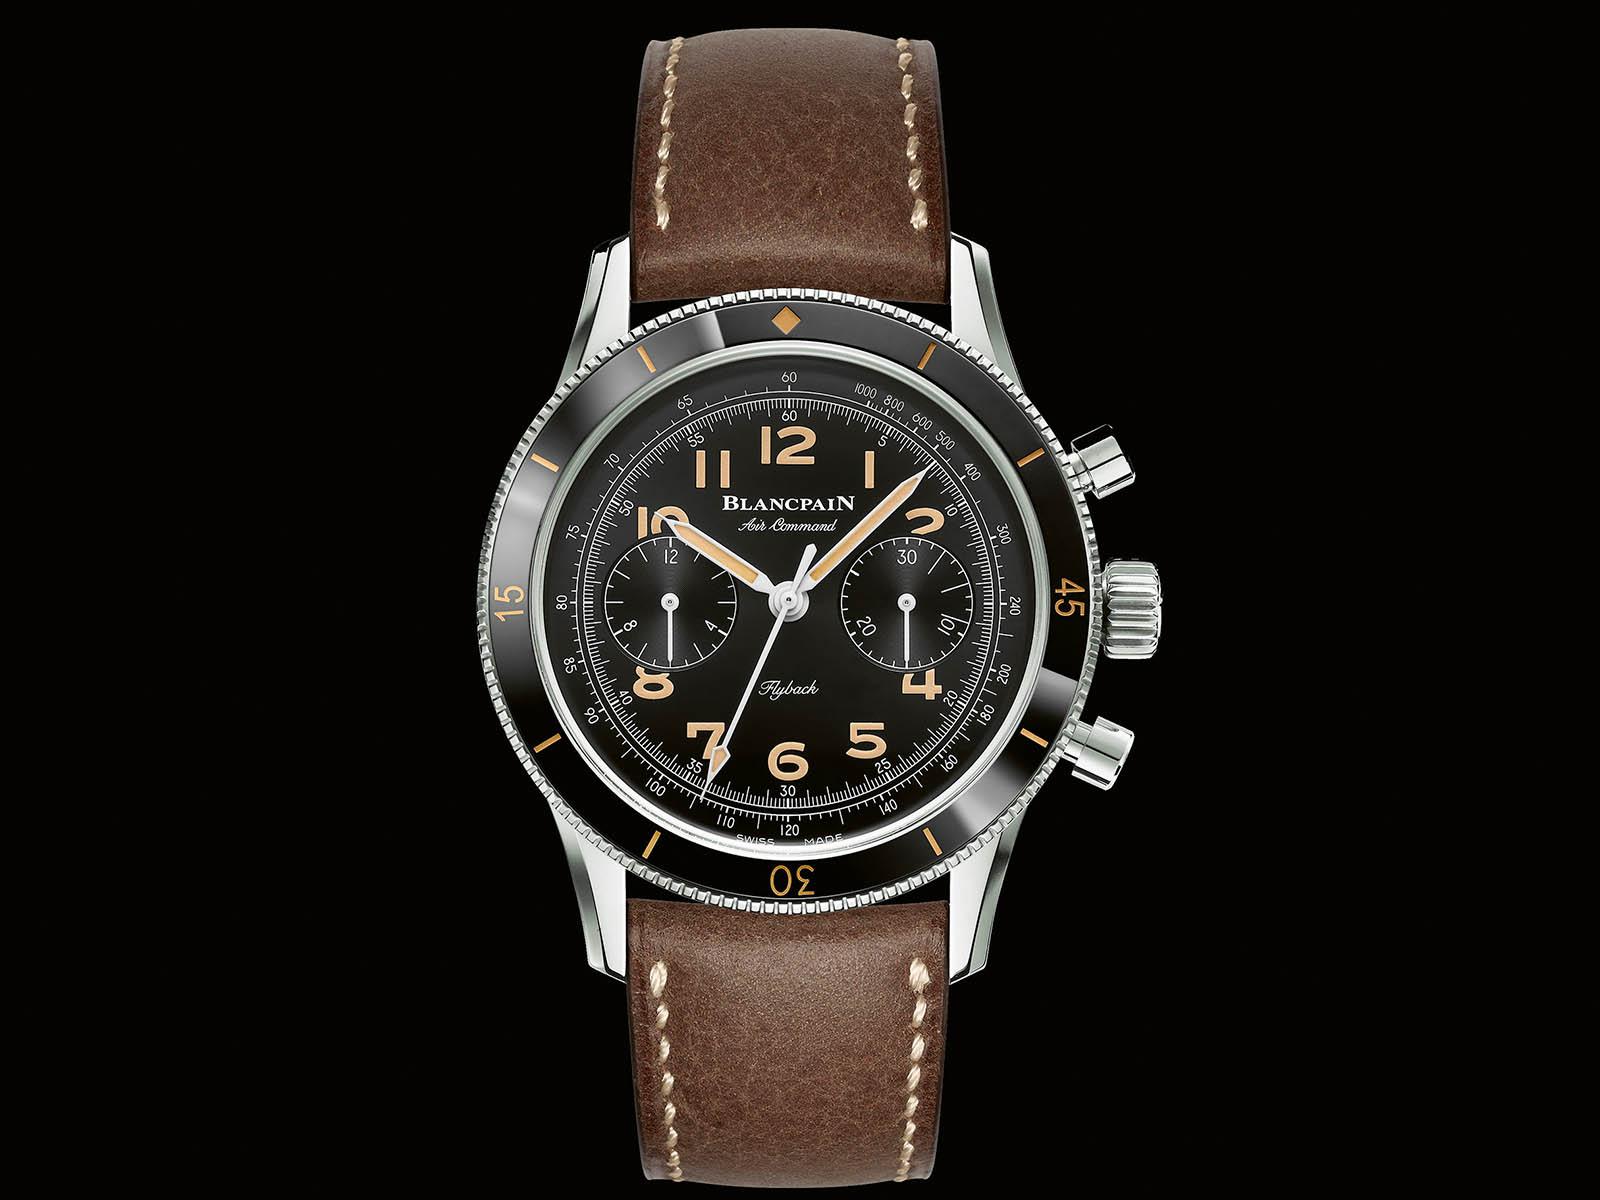 ac01-1130-63a-blancpain-air-command-chronograph-re-edition-3.jpg